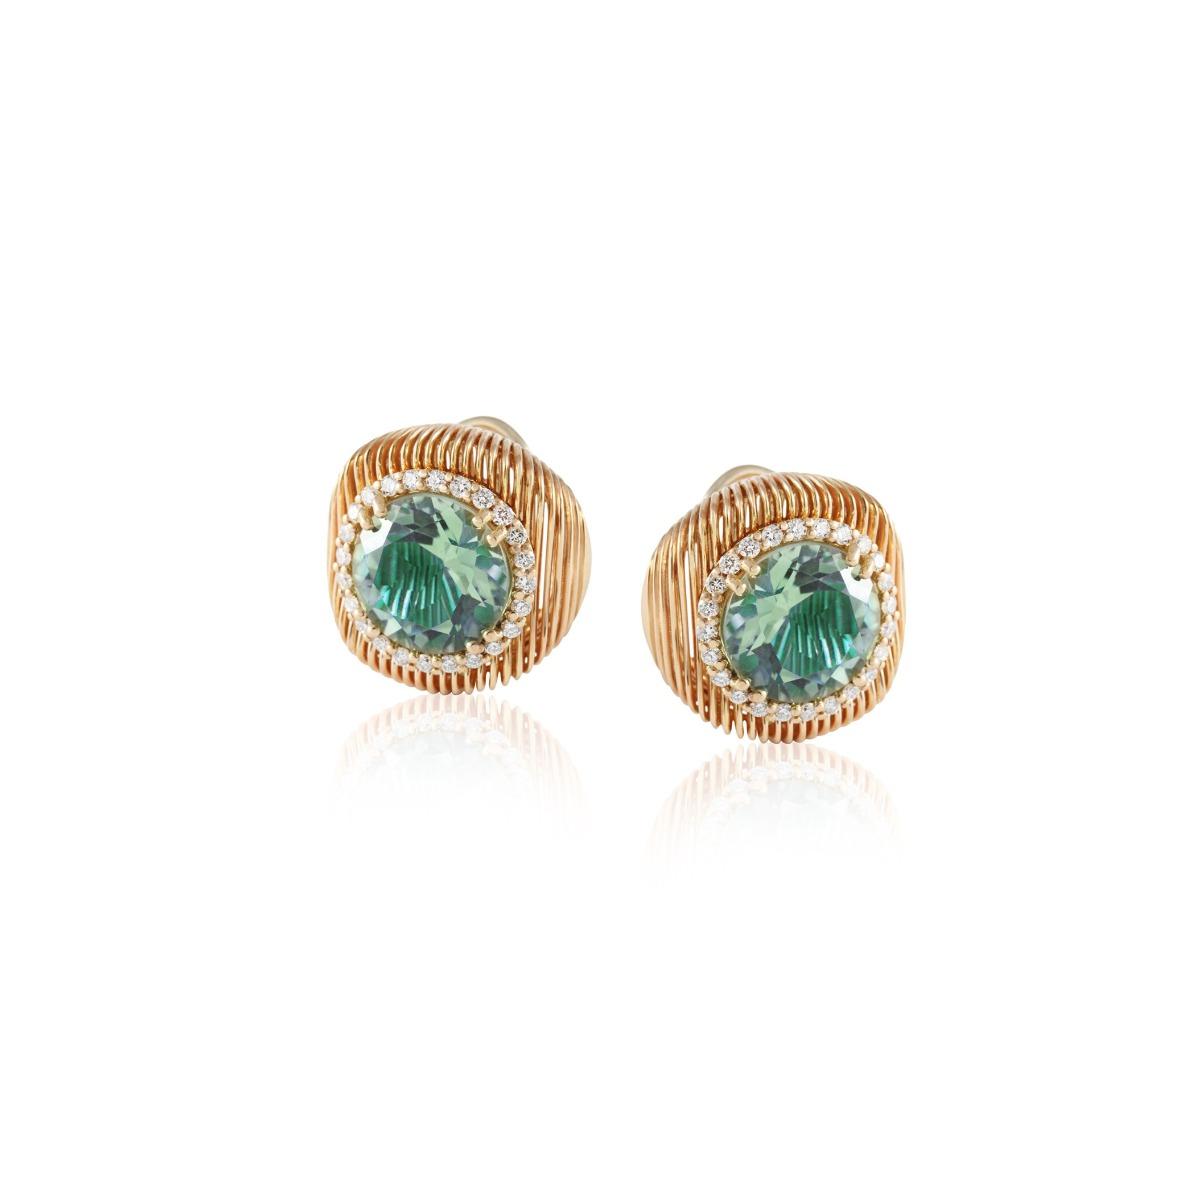 Batumi Rose Gold and Prasiolite Stud Earrings